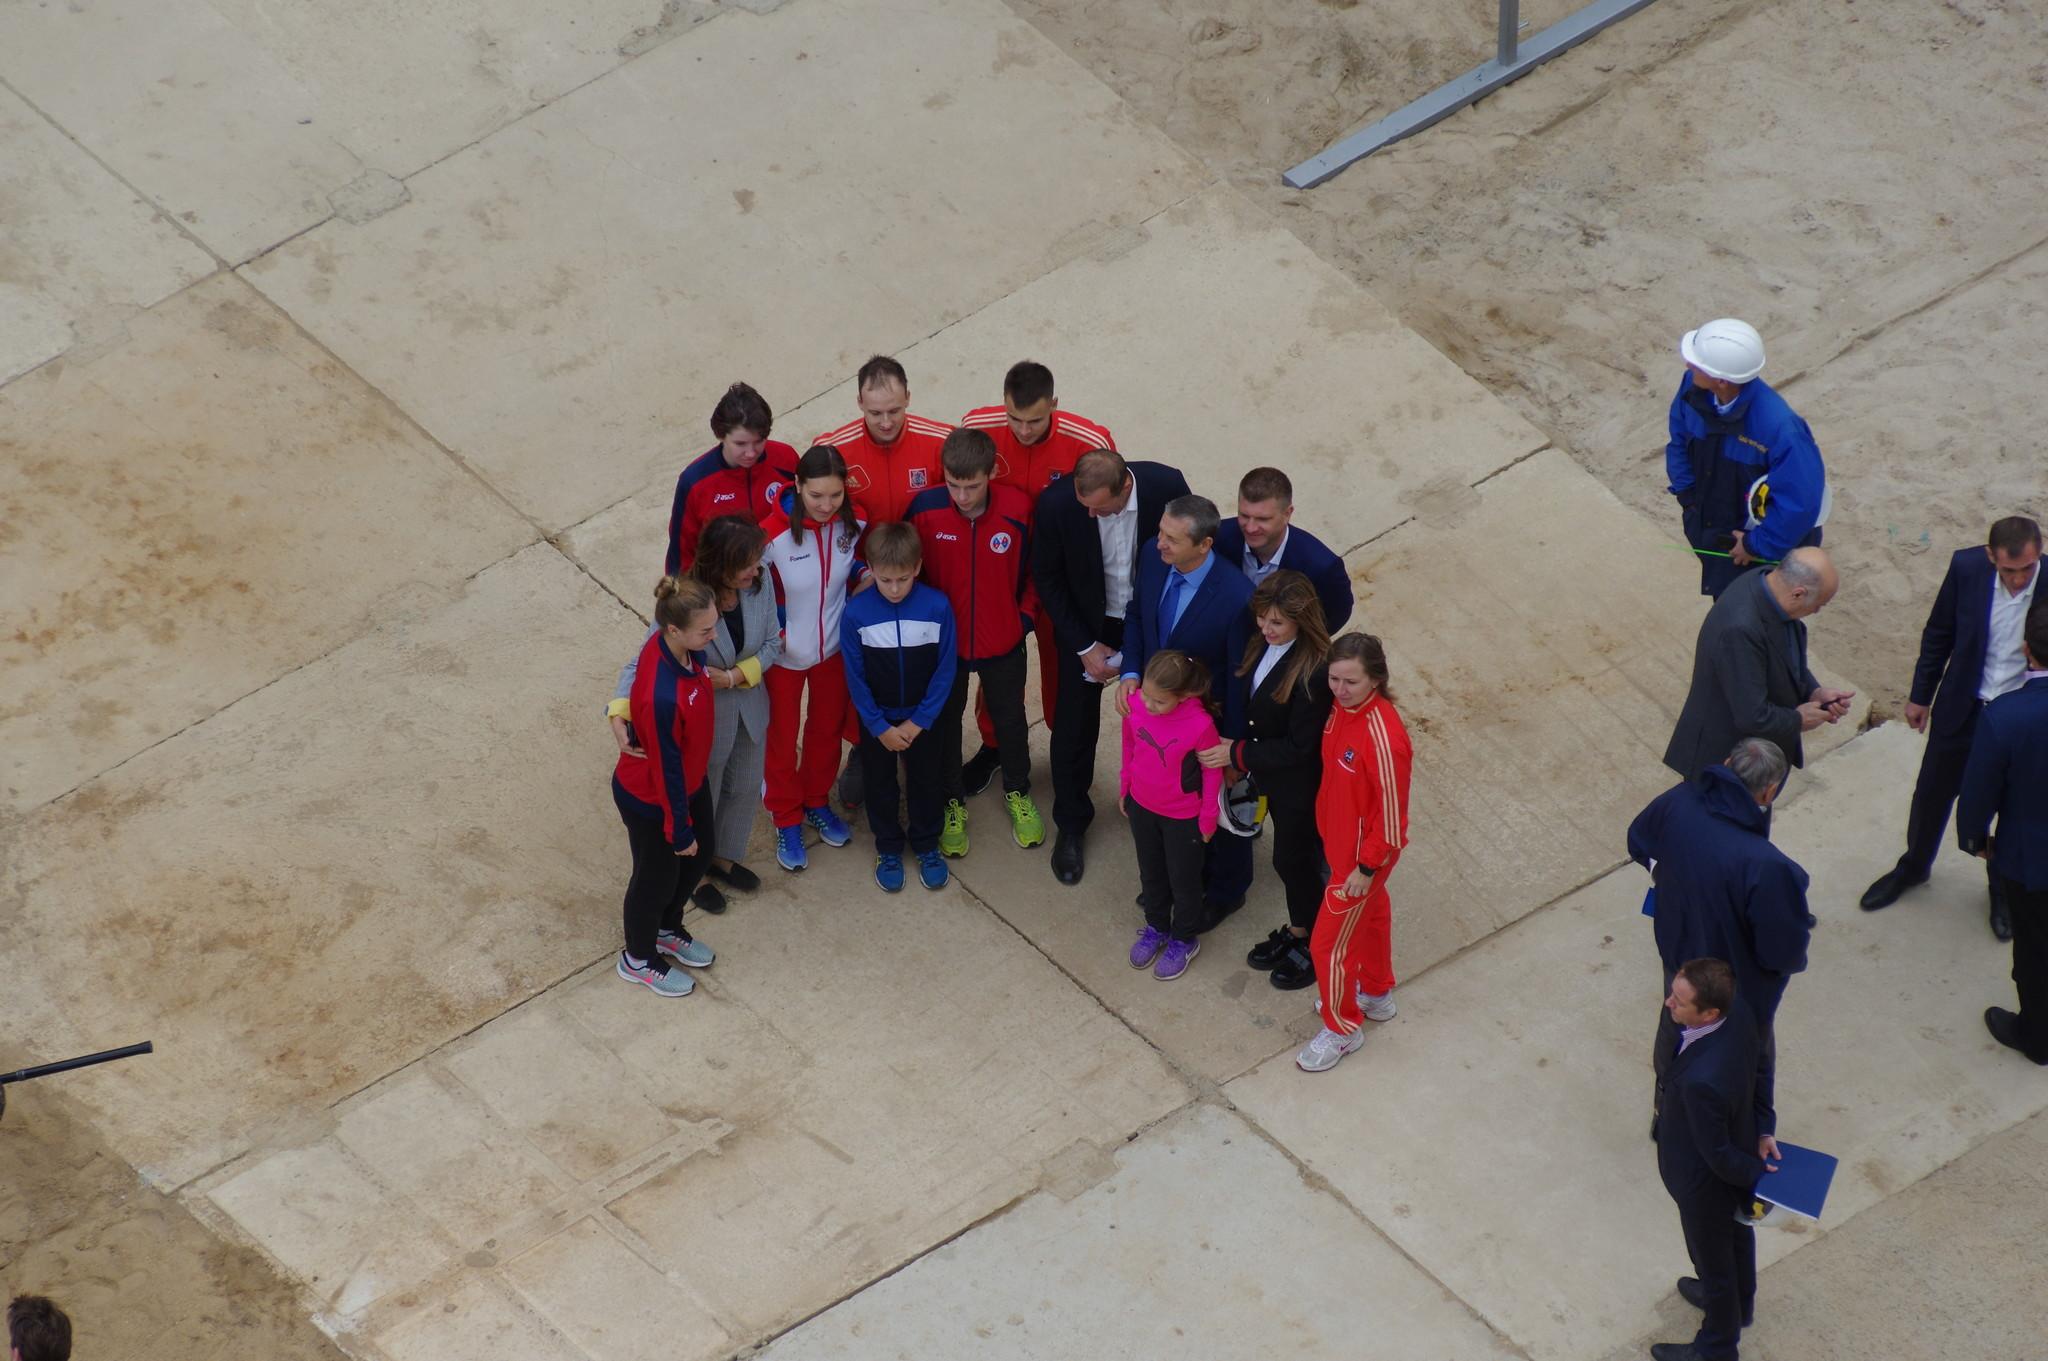 Члены сборной Москвы по современному пятиборью возле нового комплекса спортивной школы олимпийского резерва «Северный»